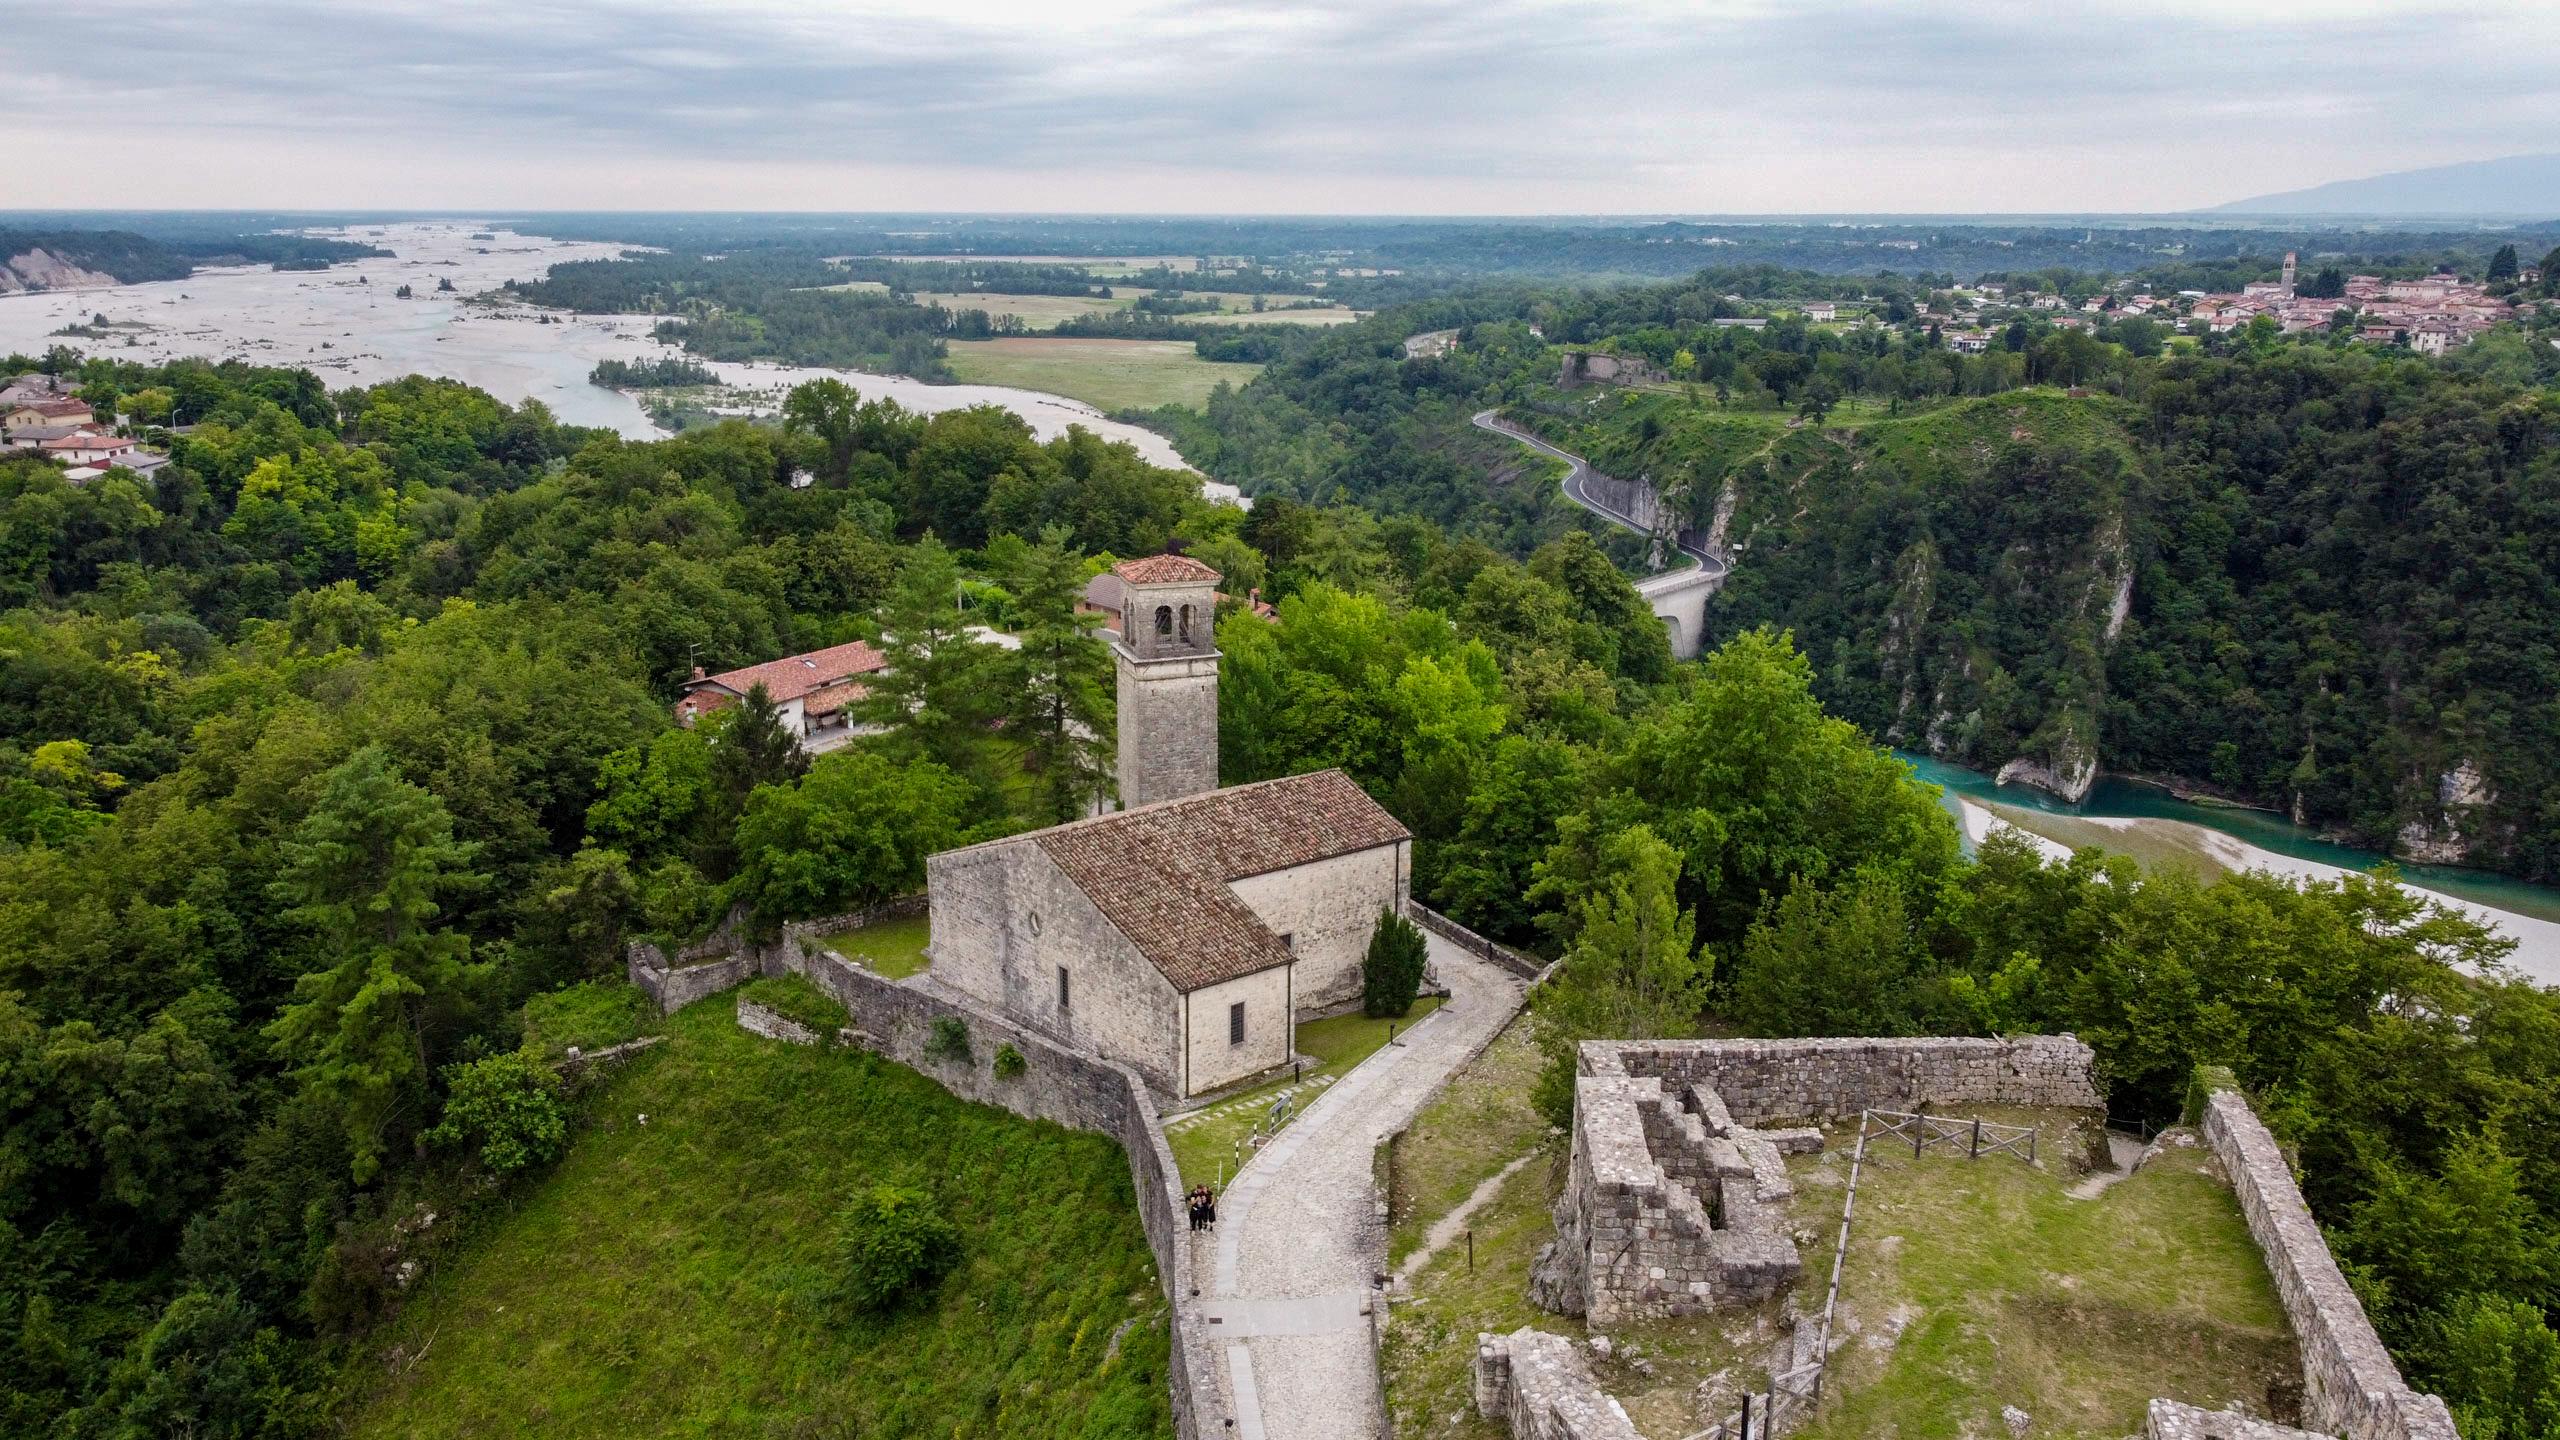 L'antica Pieve del Castello di Ragogna